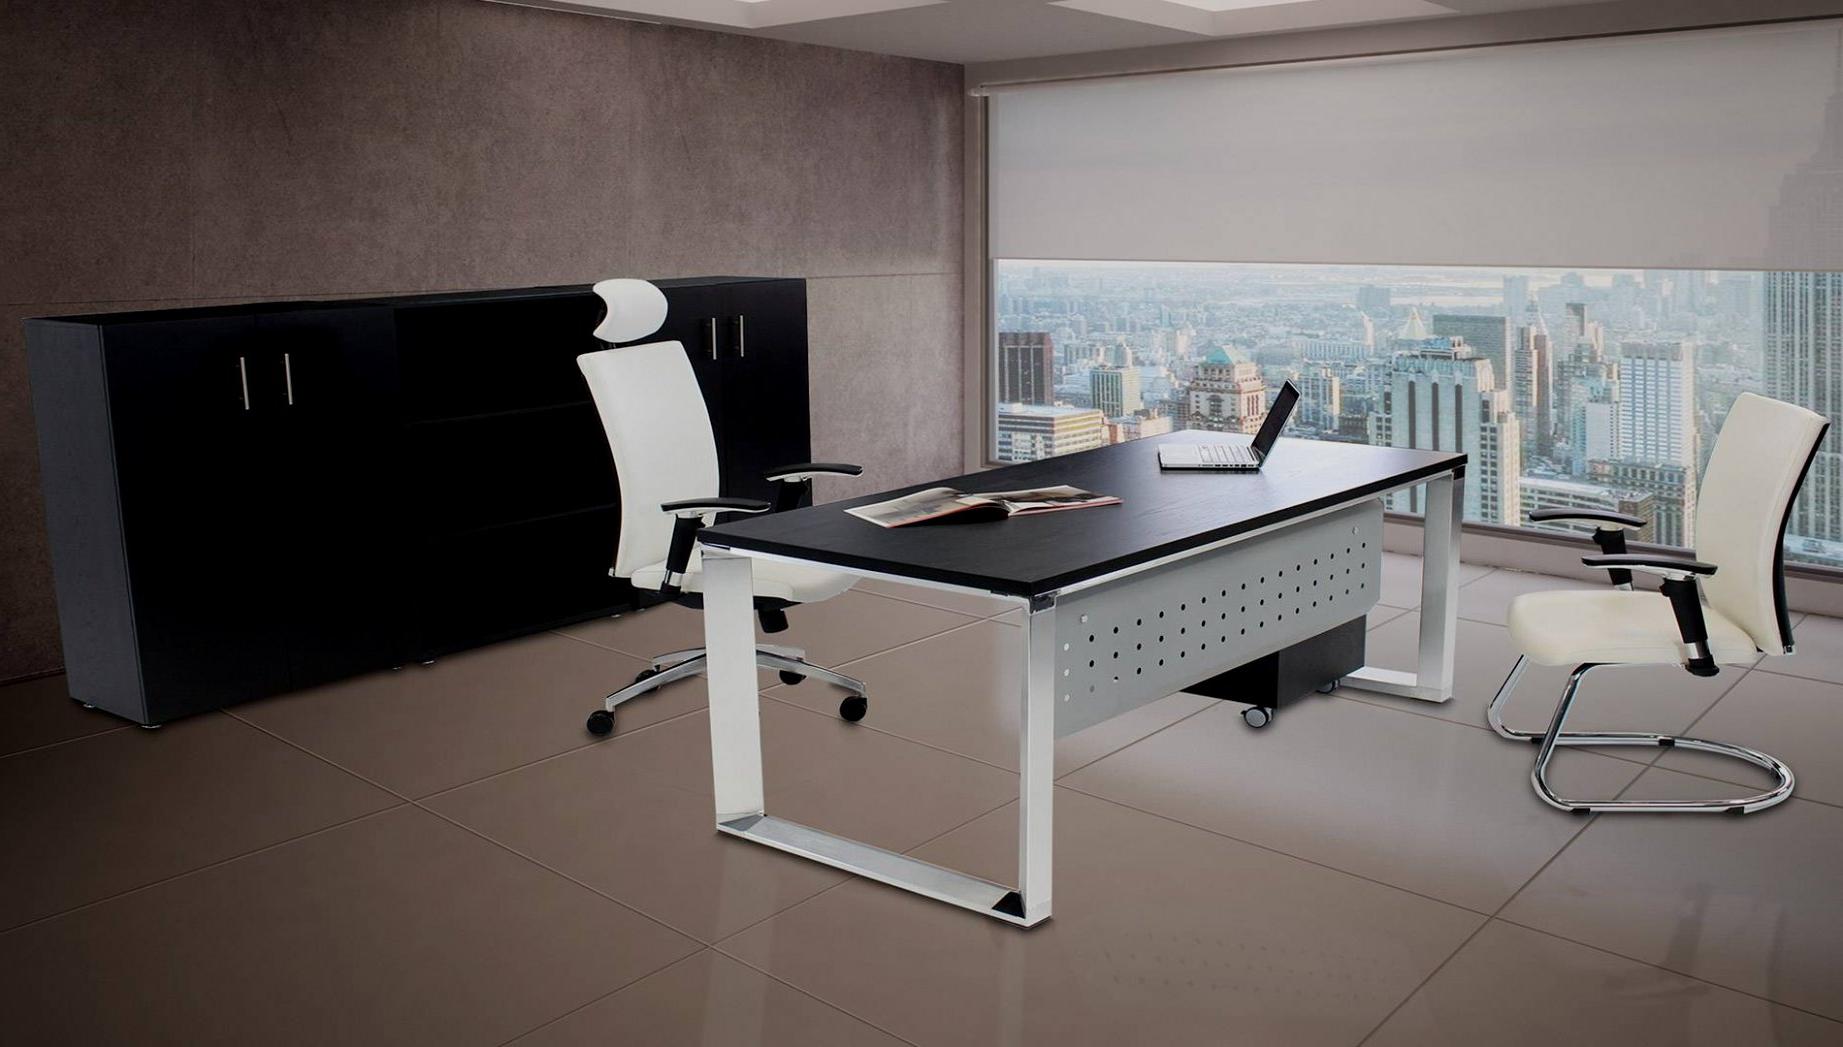 Muebles Oficina Valencia Wddj Muebles Oficina Cordoba Grande El Mà S Eficaz DiseO Muebles De Icina